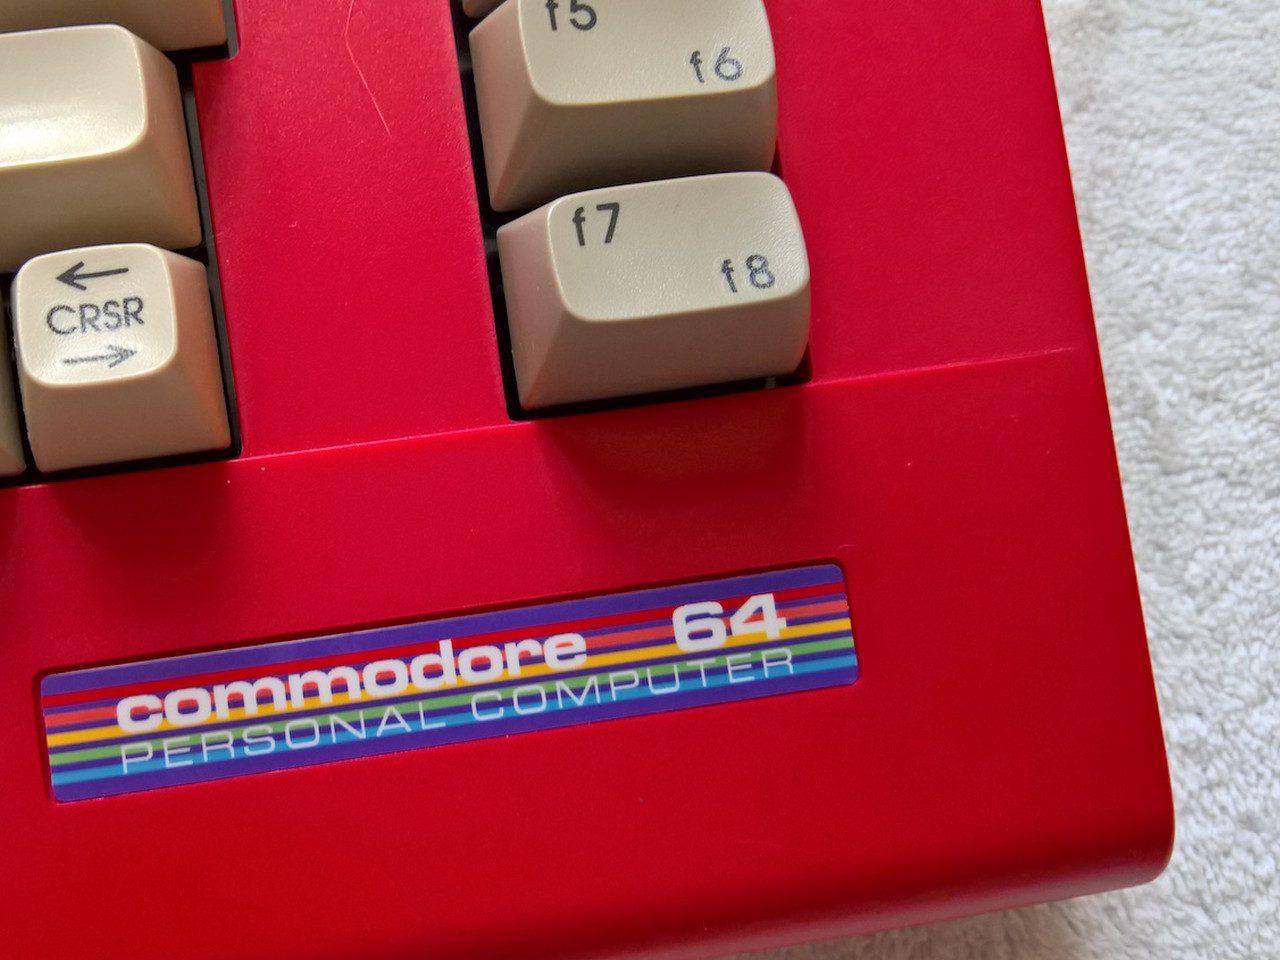 Warum denn nicht mal ein C64 in rot? (Bild: Stefan Vogt)